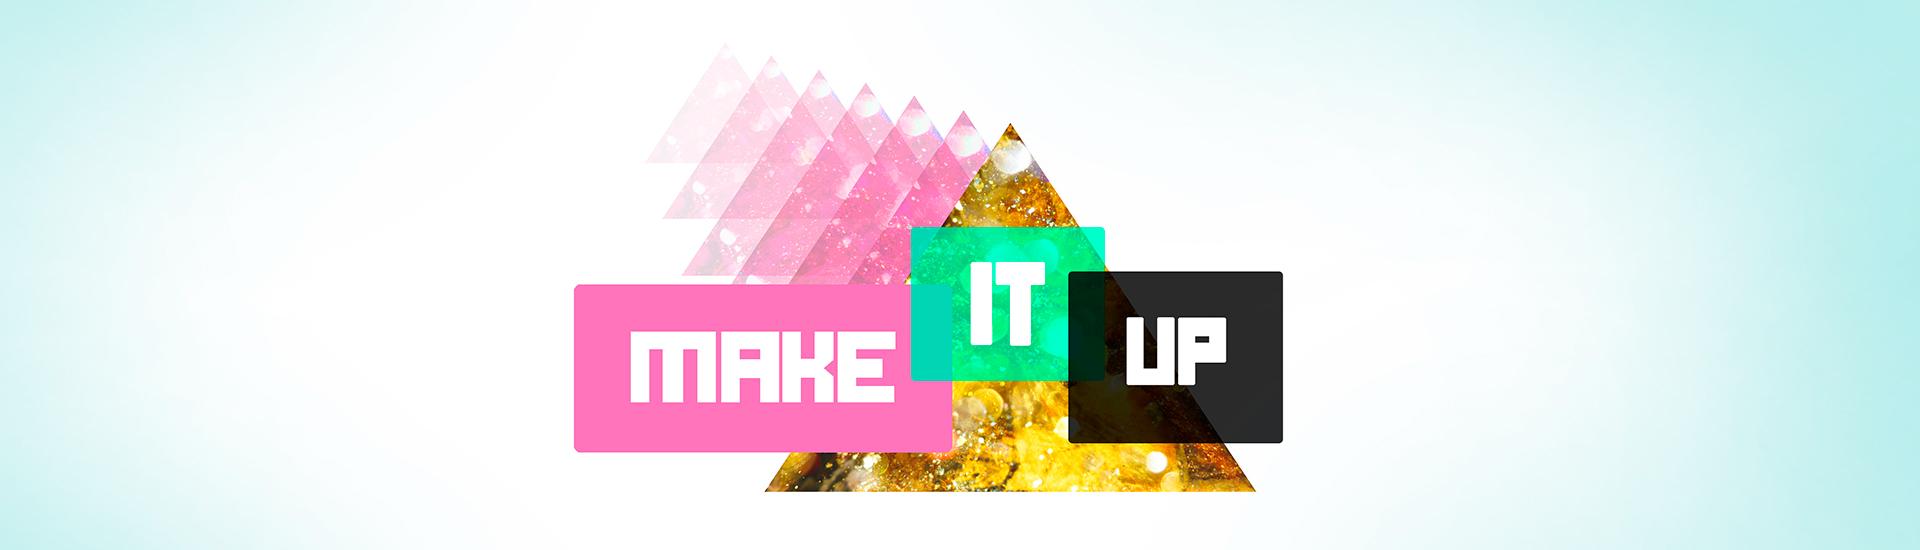 Fantastiskt samarbete – Make it up!